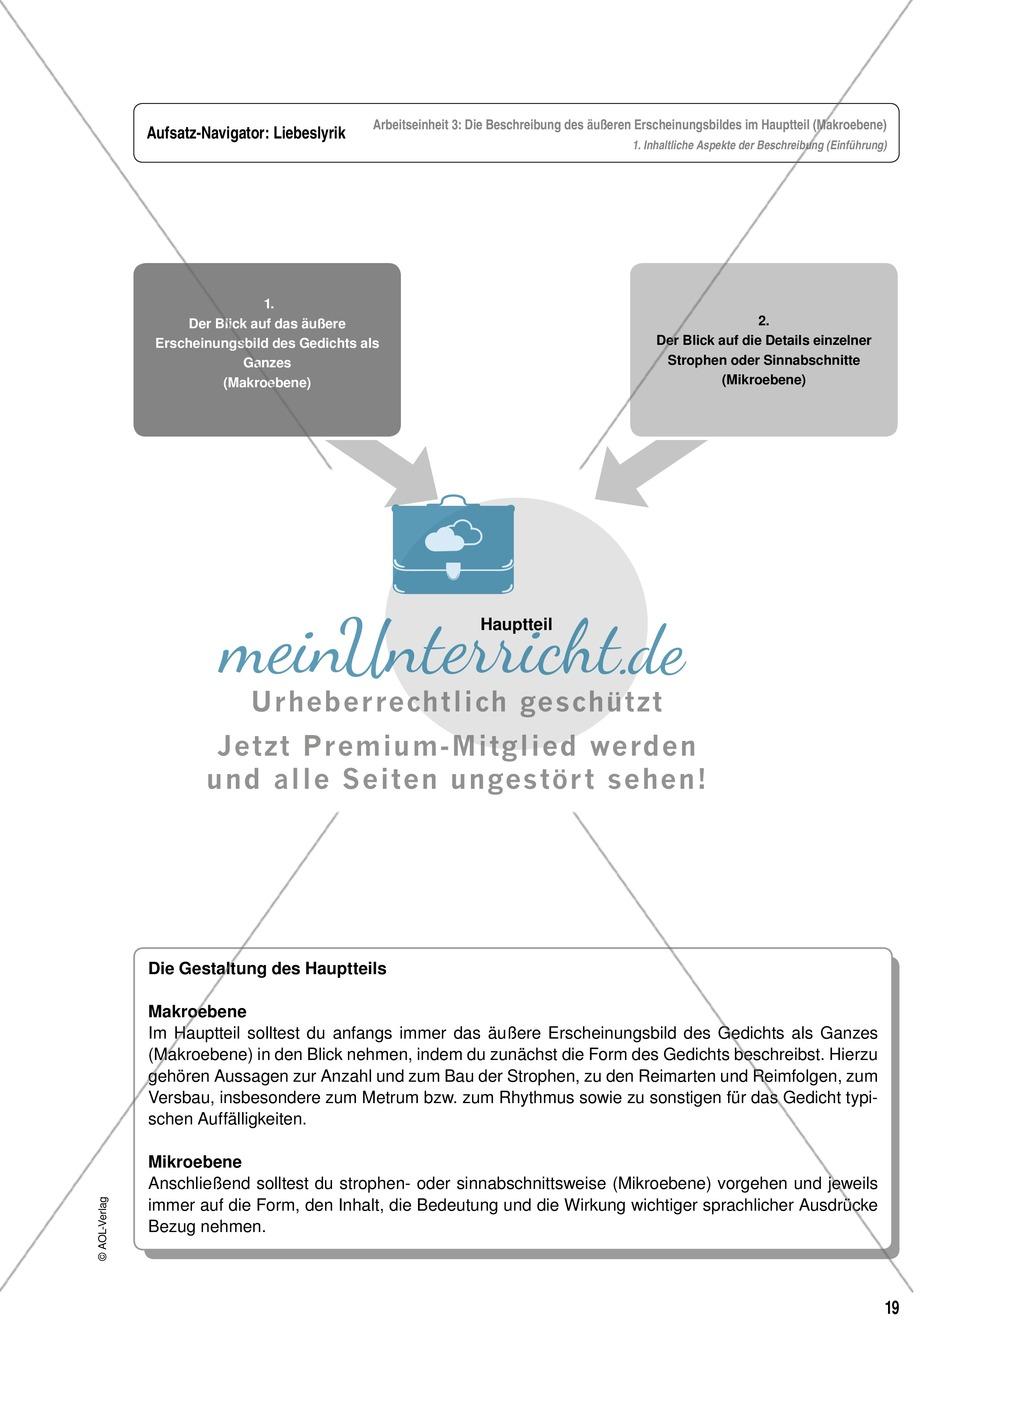 Arbeitseinheit zur Gestaltung einer Analyse / Interpretation von Liebeslyrik - Die Beschreibung des äußeren Erscheinungsbildes im Hauptteil (Makroebene) Preview 1